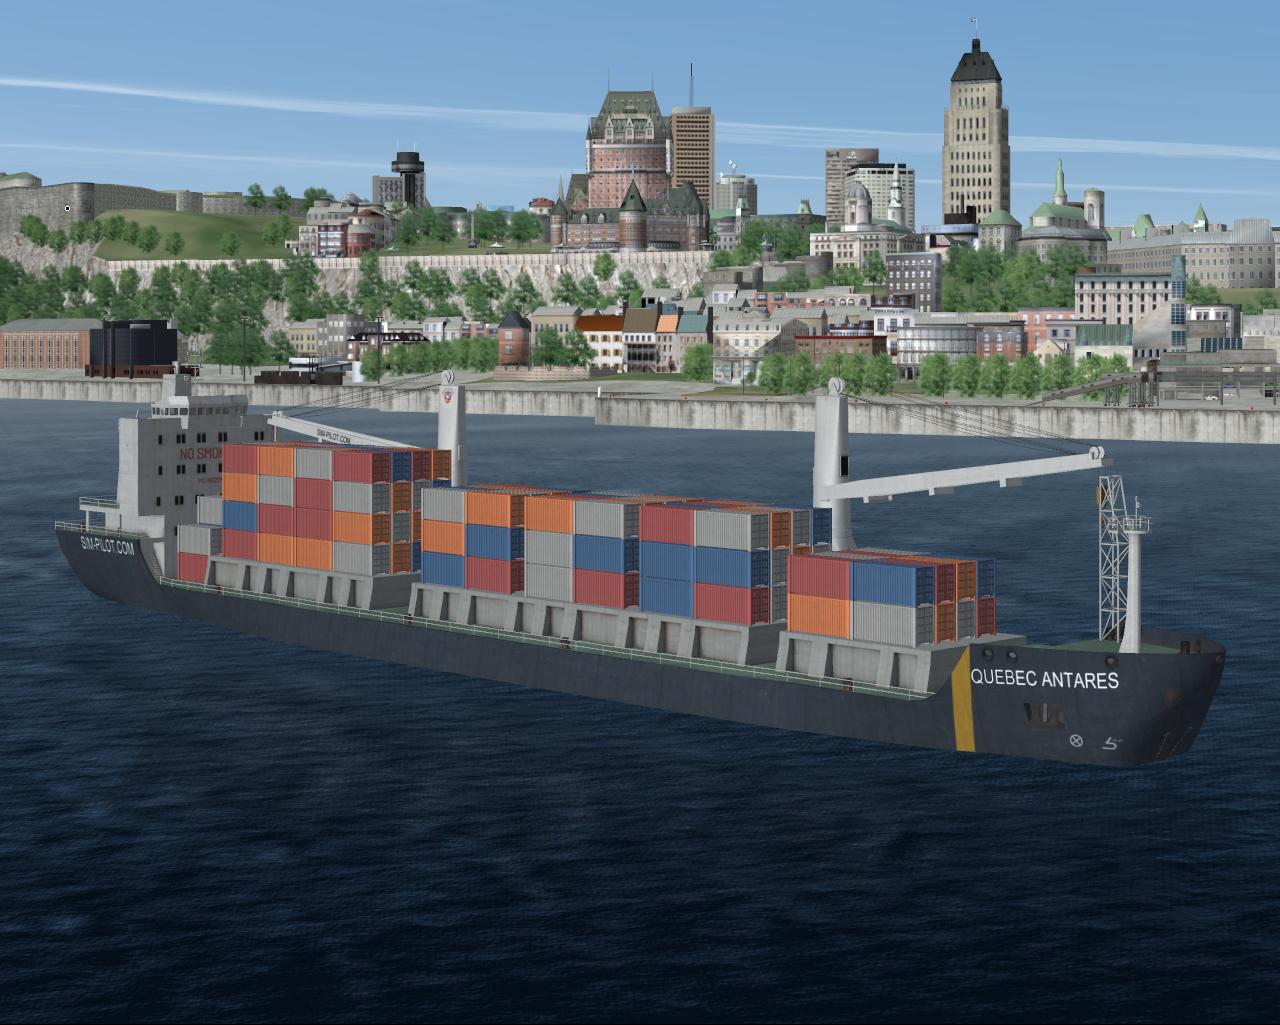 Quebec Antares Image